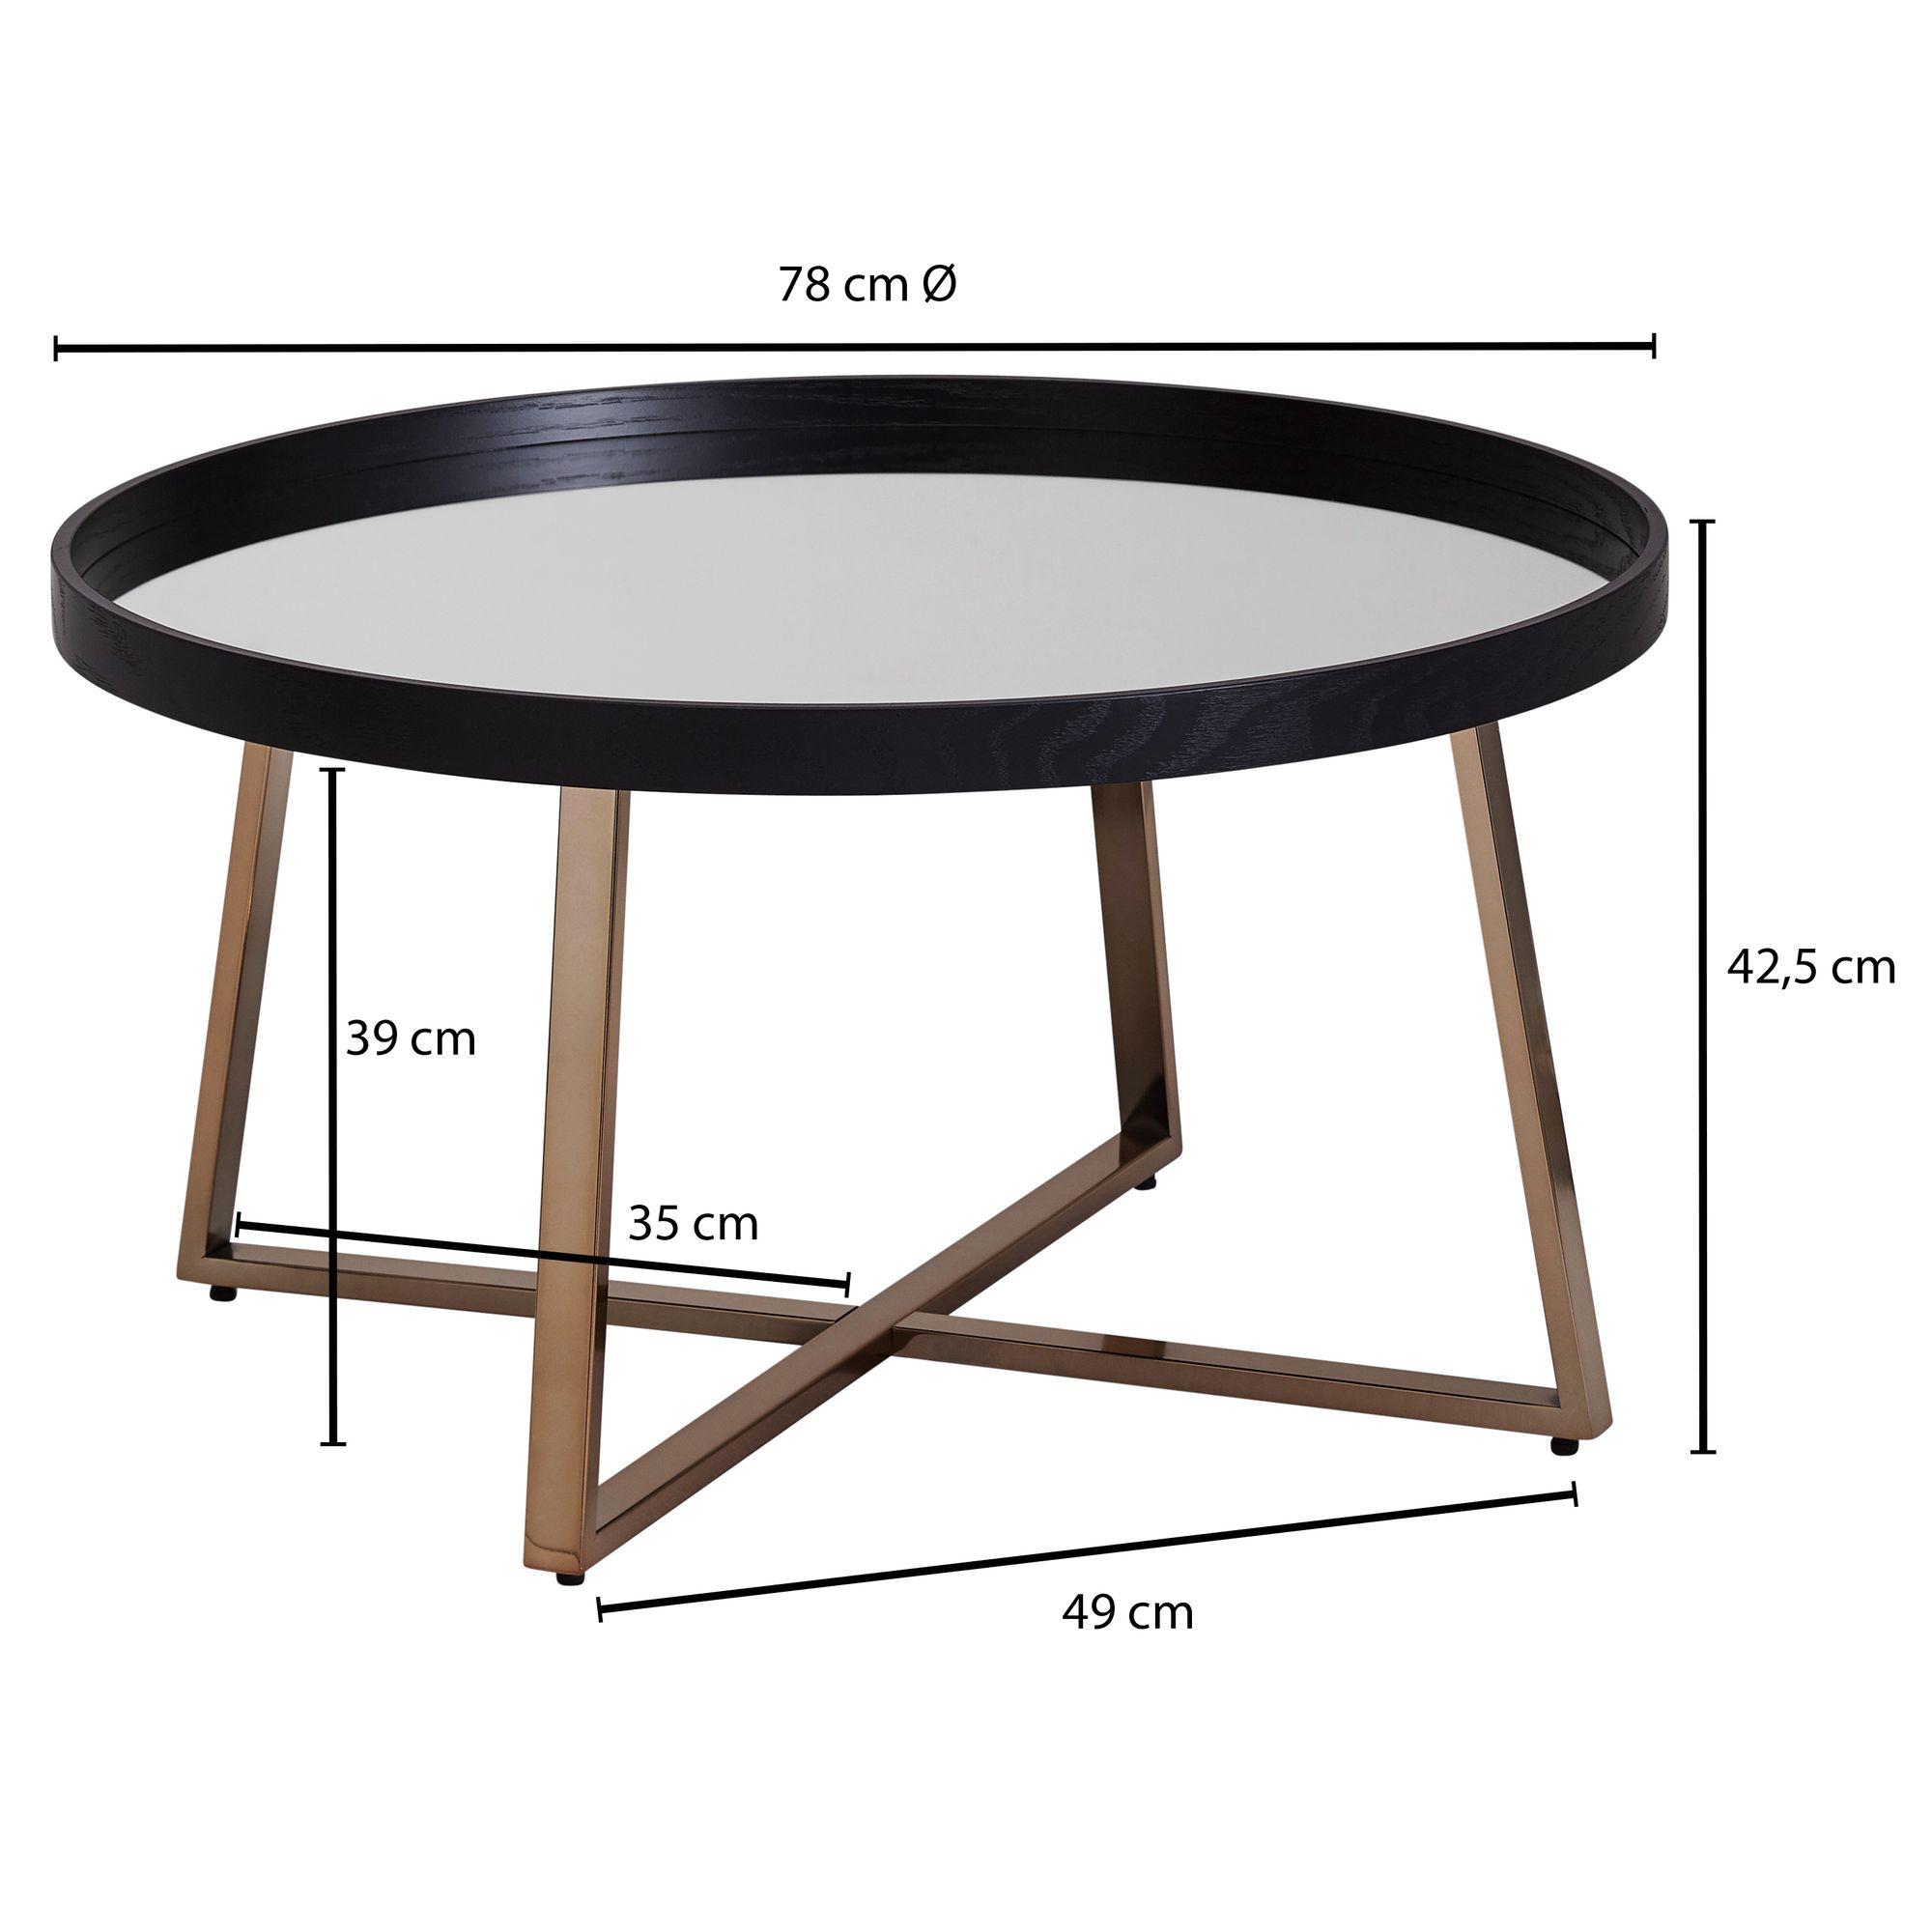 Wohnling Design Couchtisch Rund O 78 Cm Dunkel Gold Mit Spiegel Glasplatte Wohnzimmertisch Schwarz